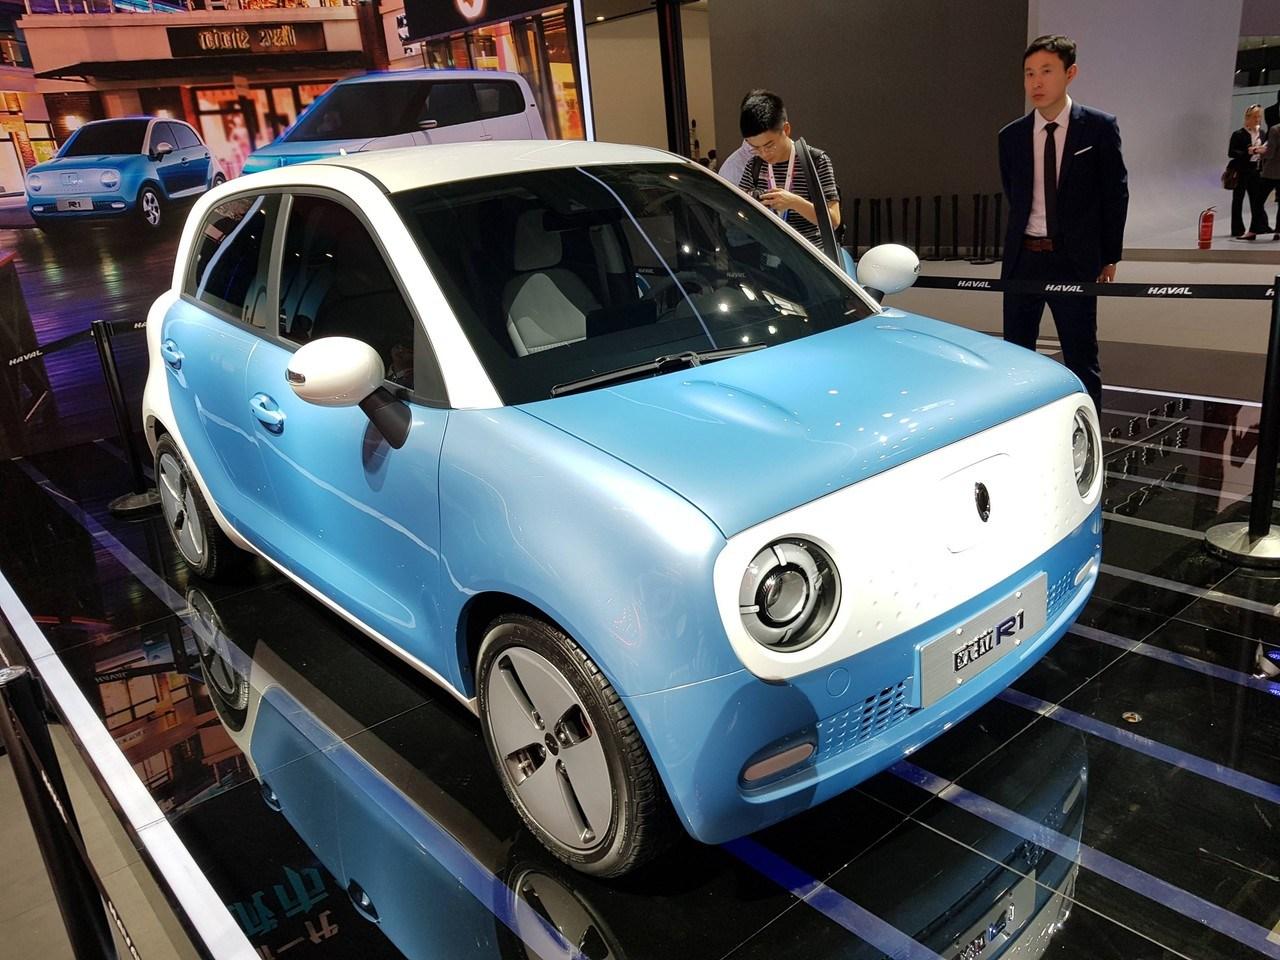 خودرو الکتریکی ORA R1 چینی ها ارزان ترین خودرو الکتریکی دنیا با قیمت پایه زیر ۹ هزار دلار است